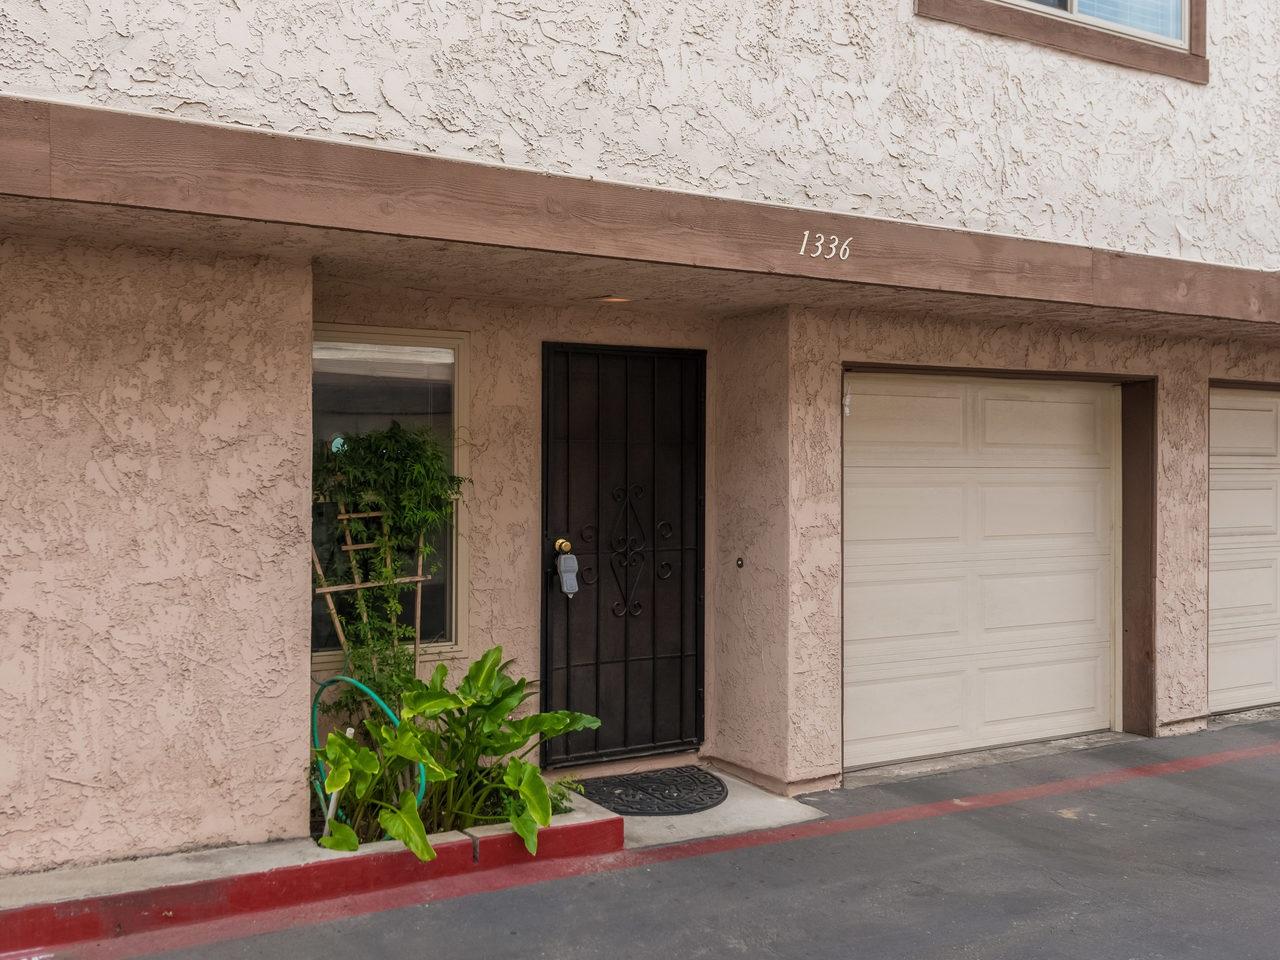 1336 Calle Tempra, Chula Vista, CA 91911